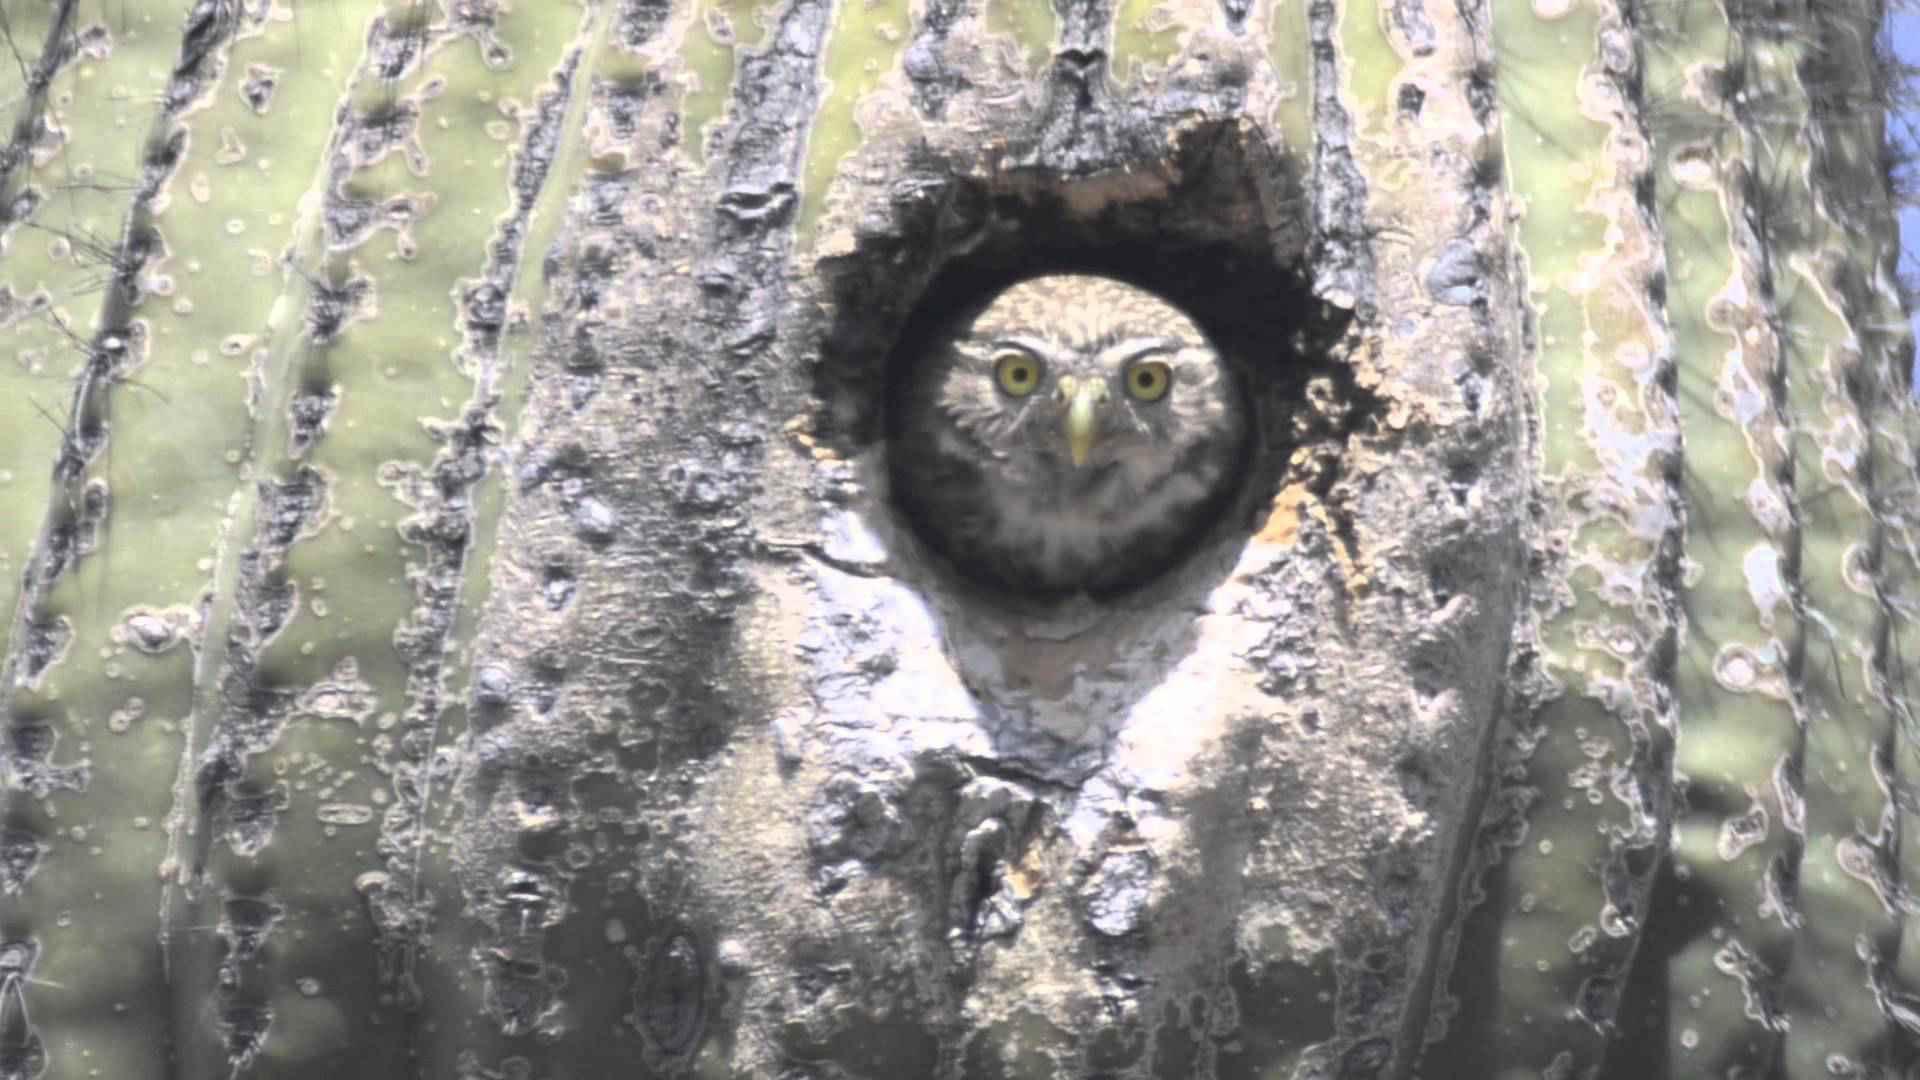 The Cactus Ferruginous Pygmy Owl